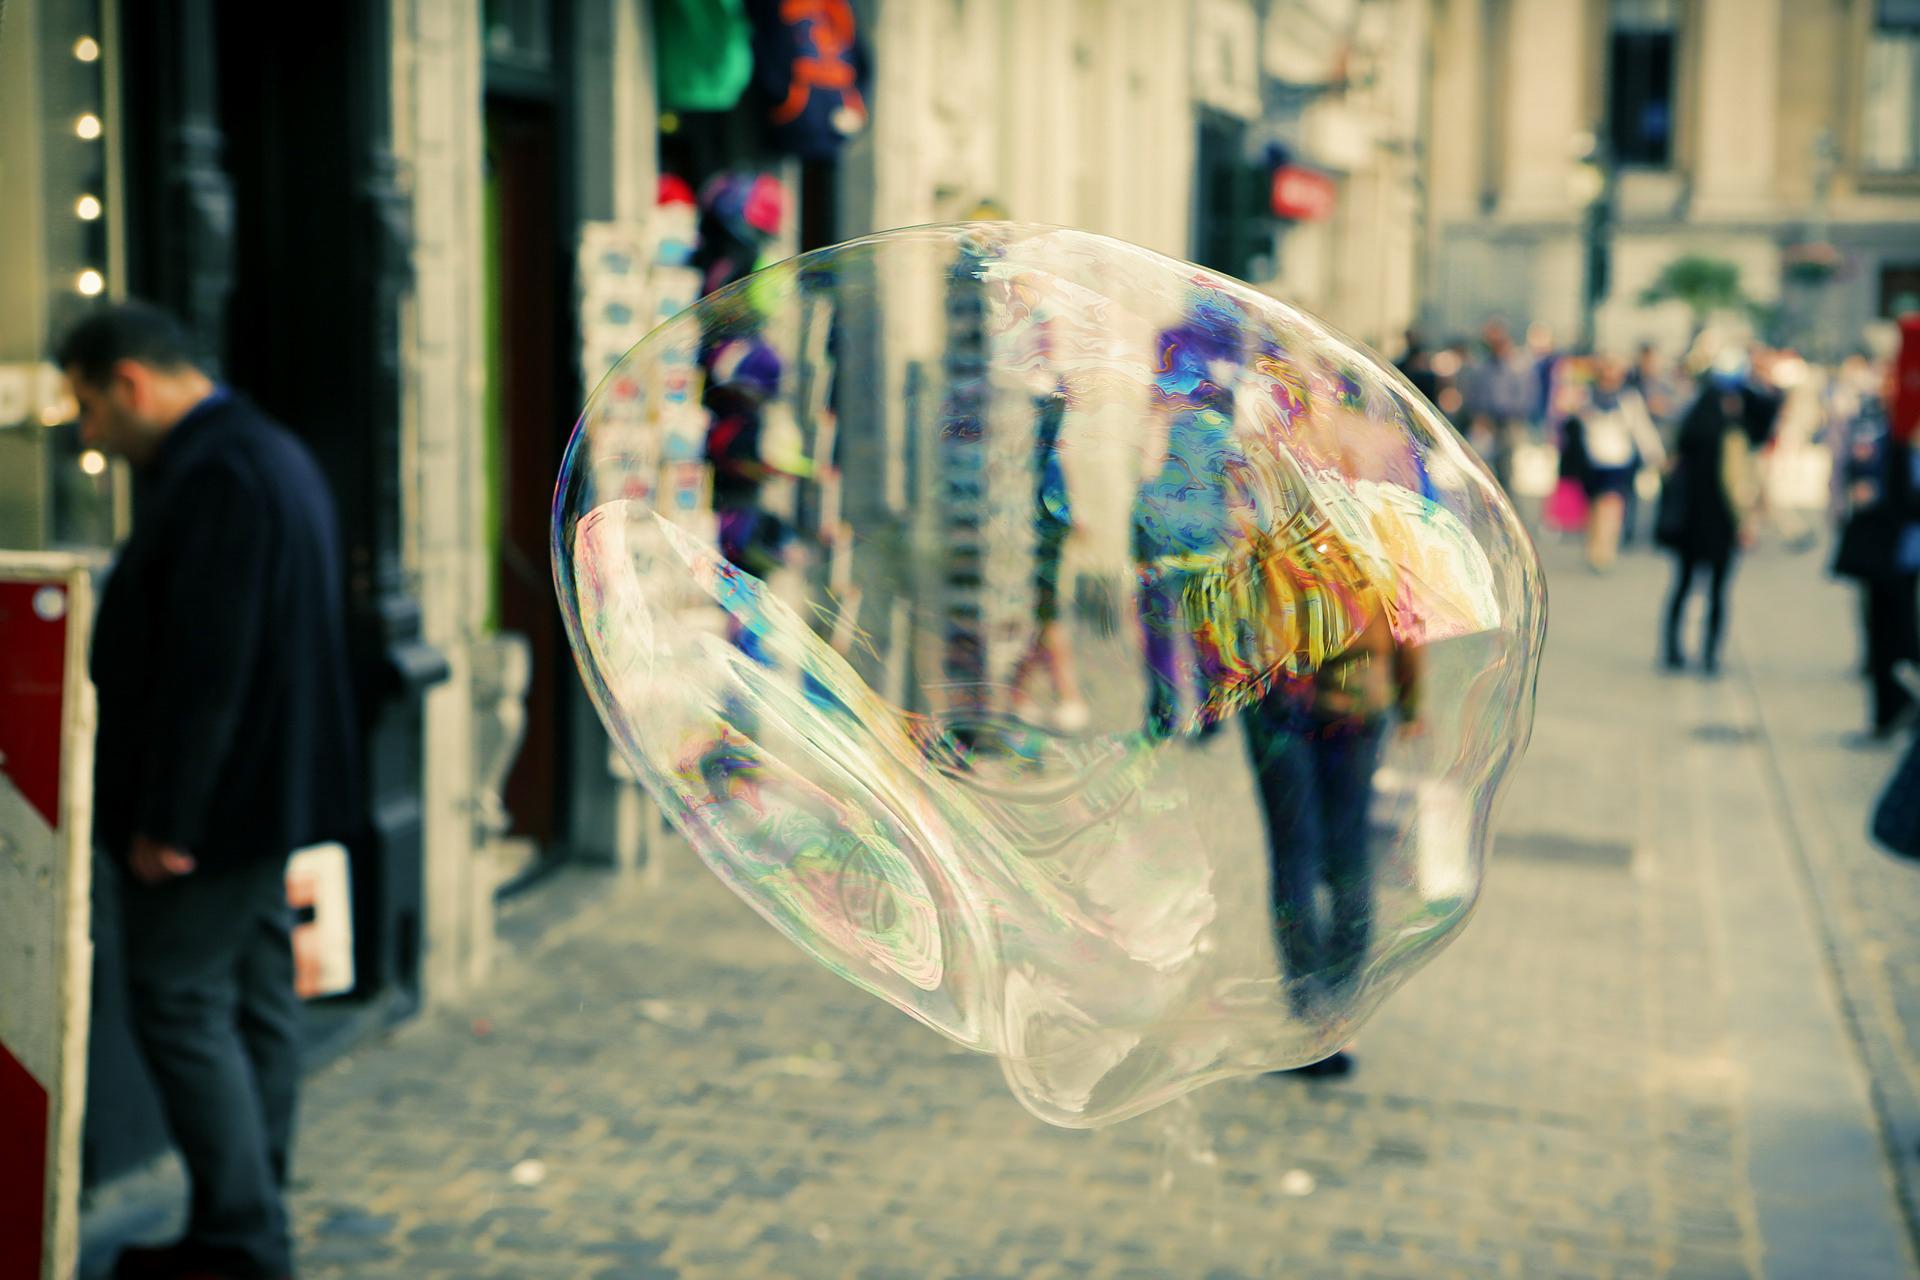 soap-bubble-406944_1920.jpg